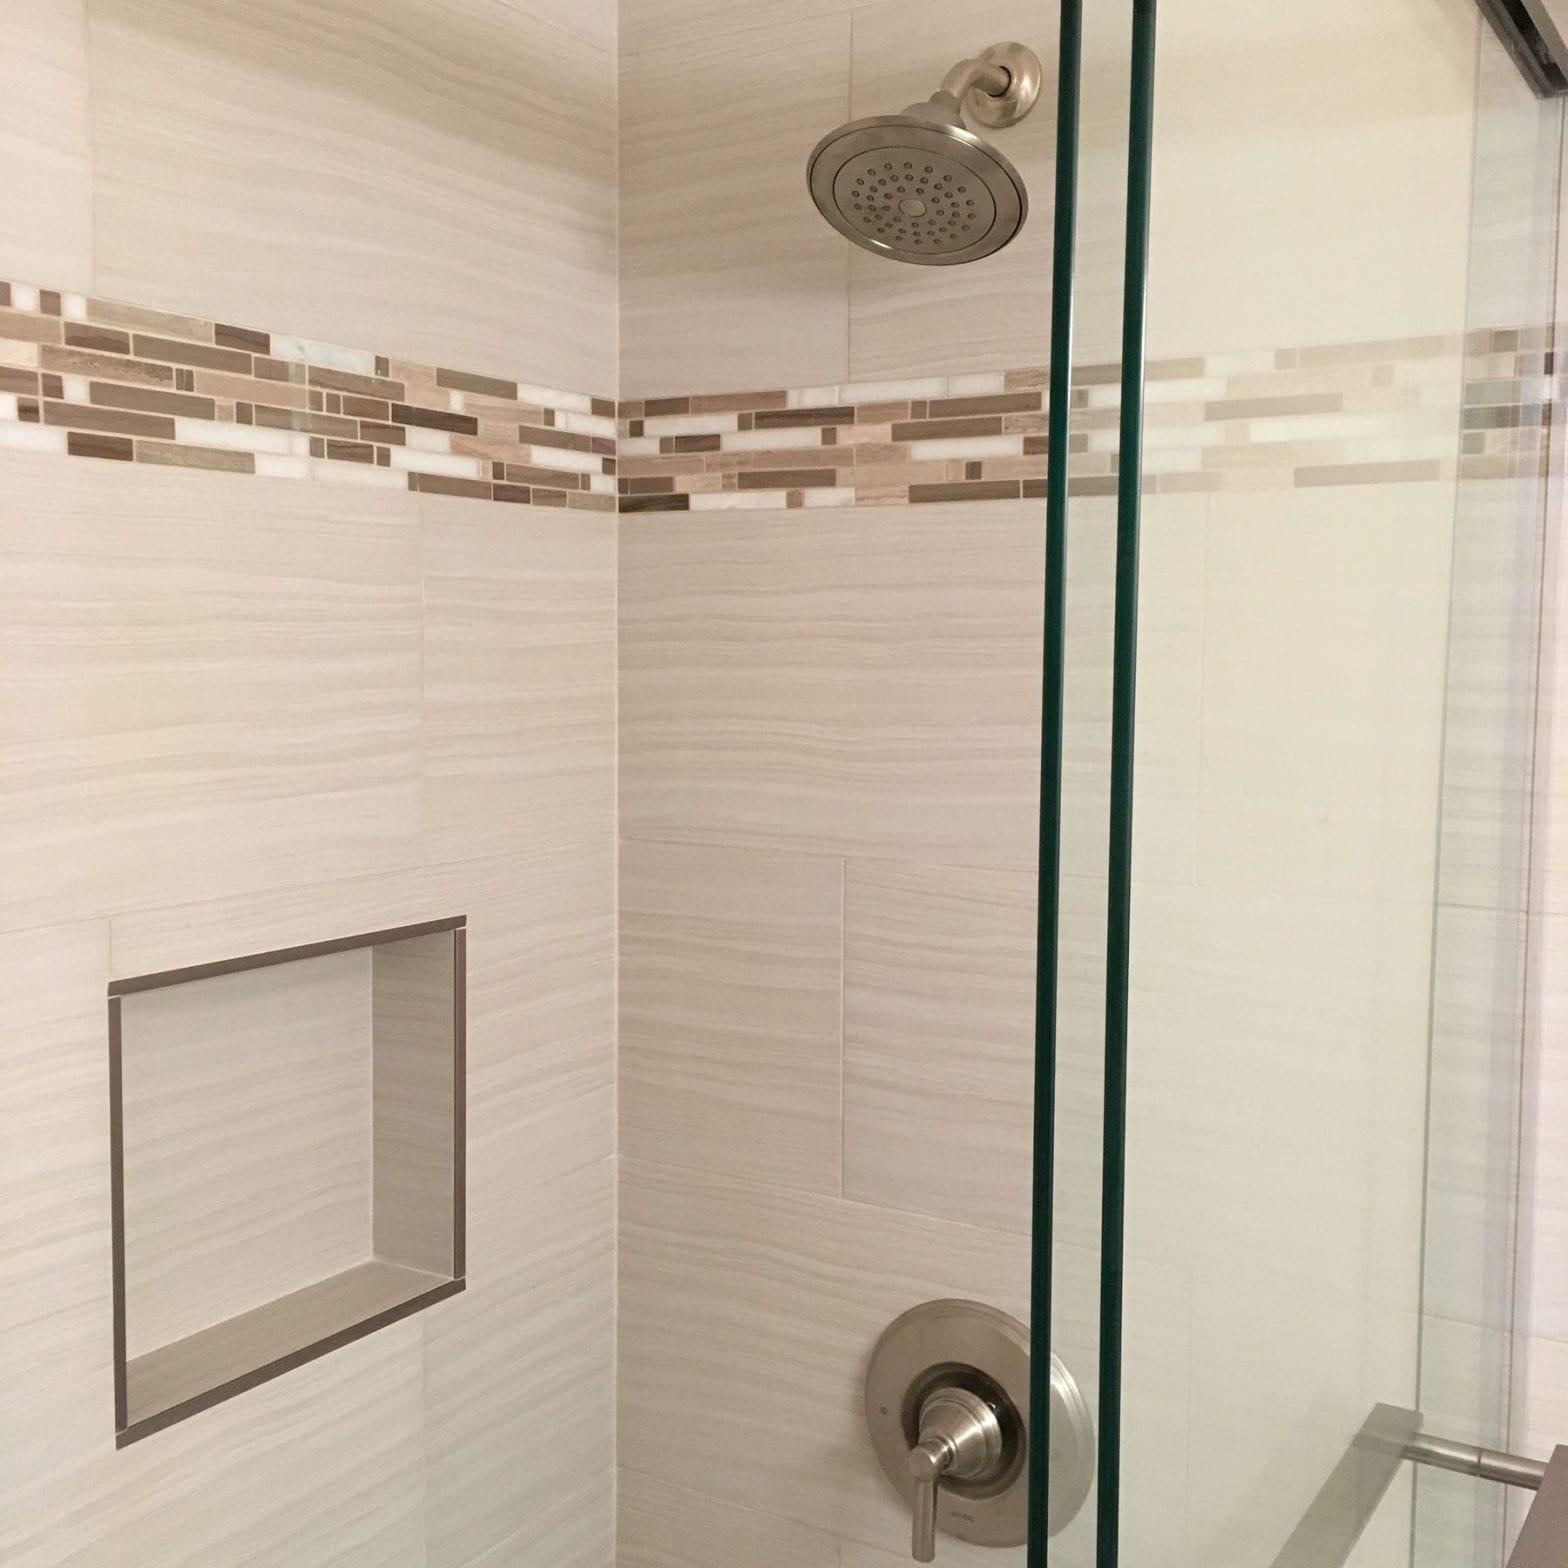 Shower remodeling Elk Grove Village IL